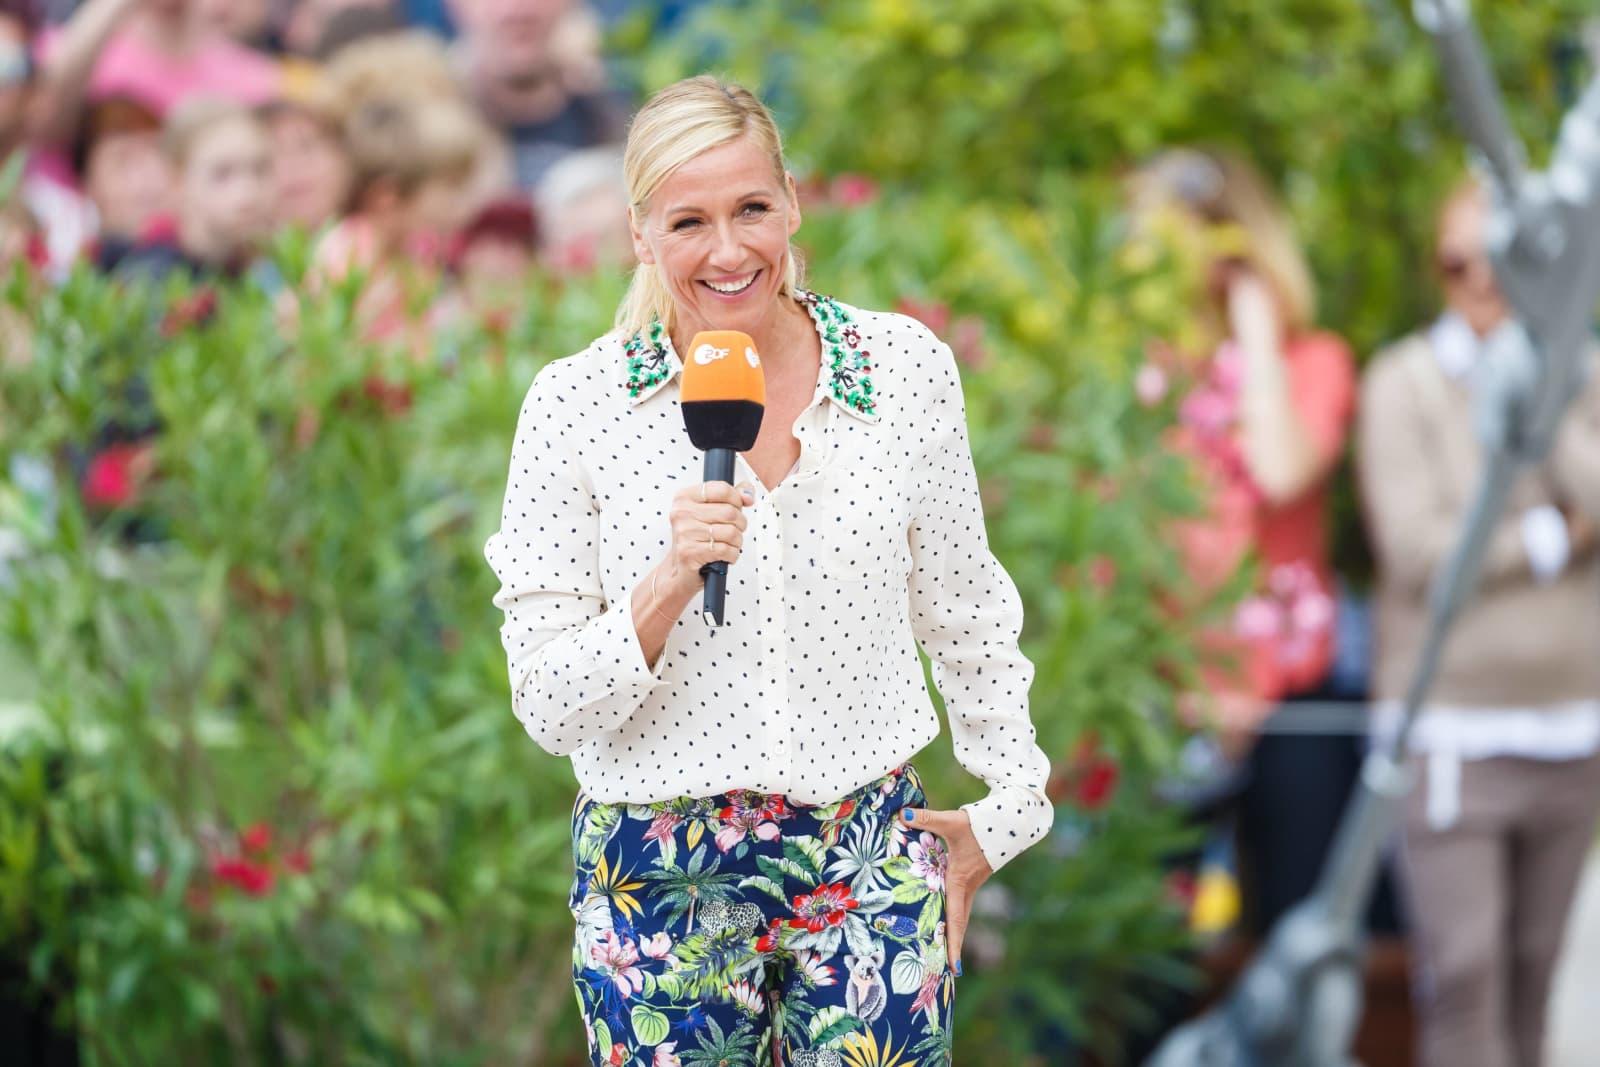 Andrea Kiewels umstrittene Looks: Das sind ihre Top und Flop Outfits